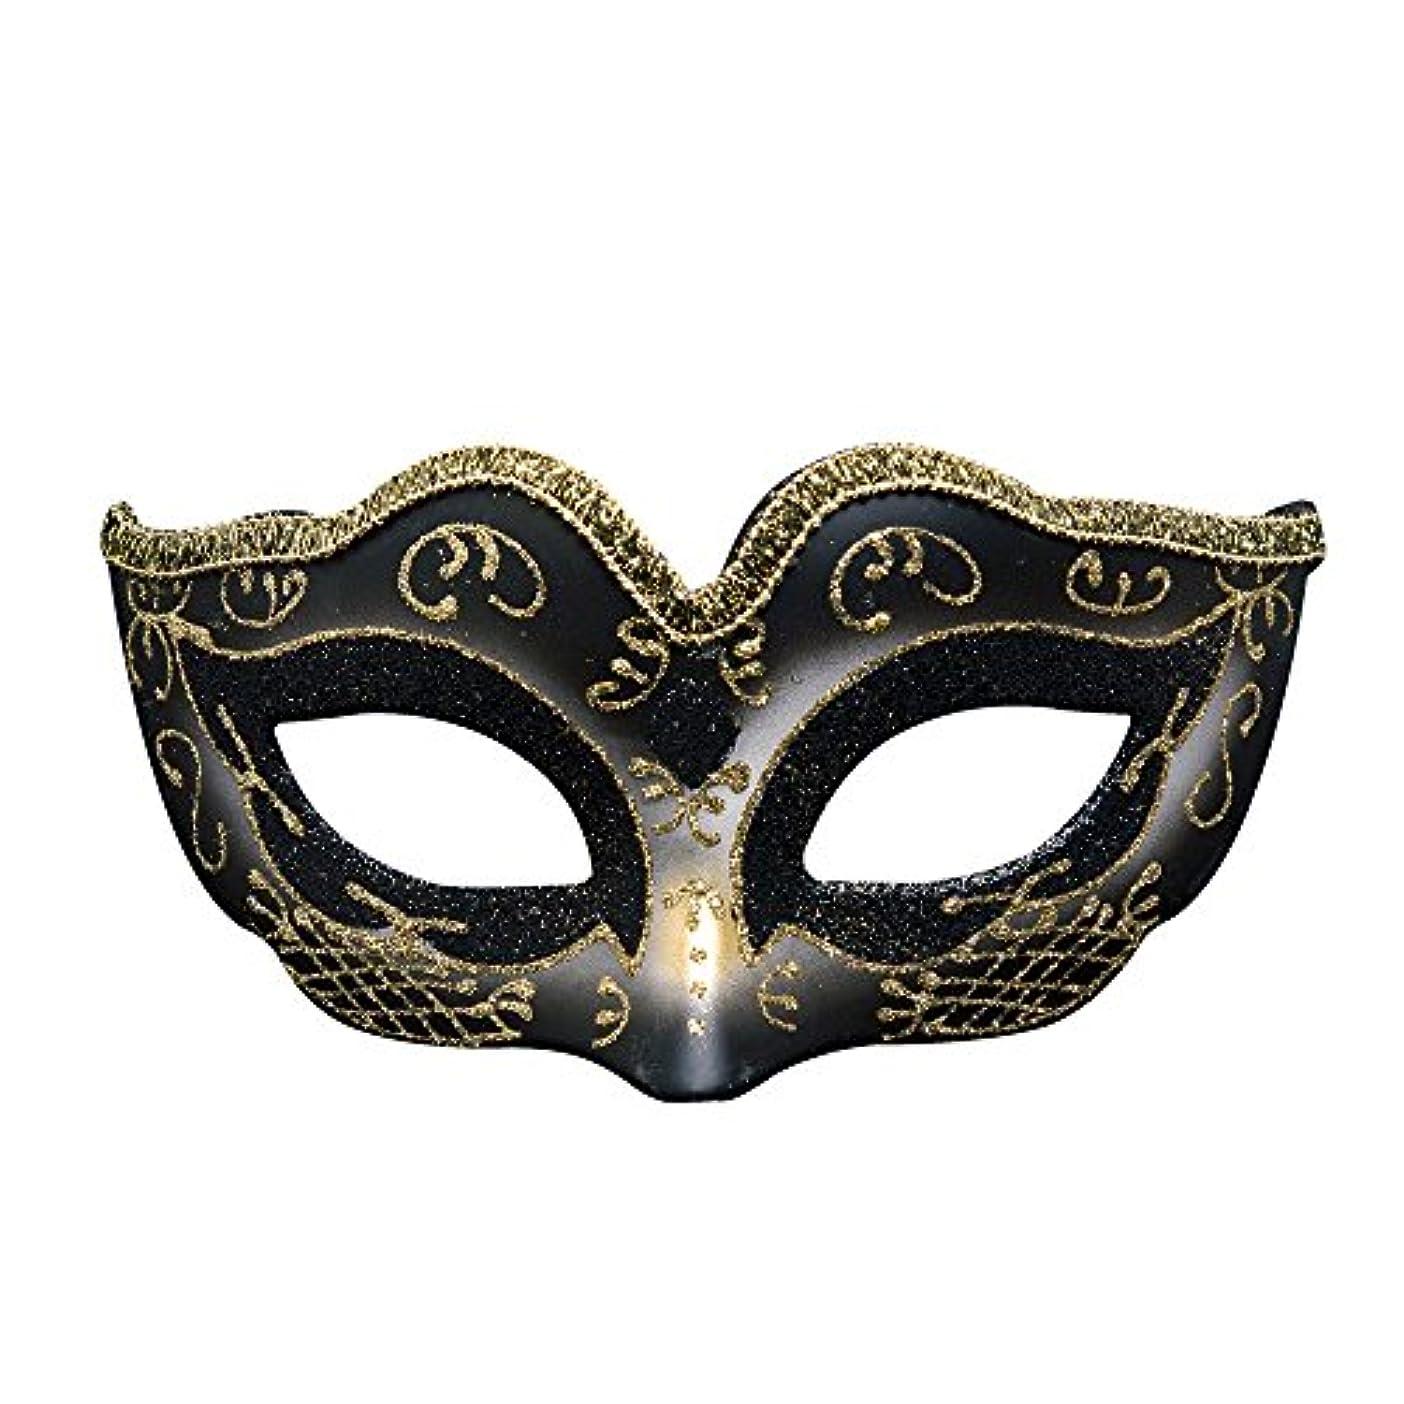 拮抗する強盗敬意を表してクリエイティブカスタム子供のなりすましパーティーハロウィーンマスククリスマス雰囲気マスク (Color : E)